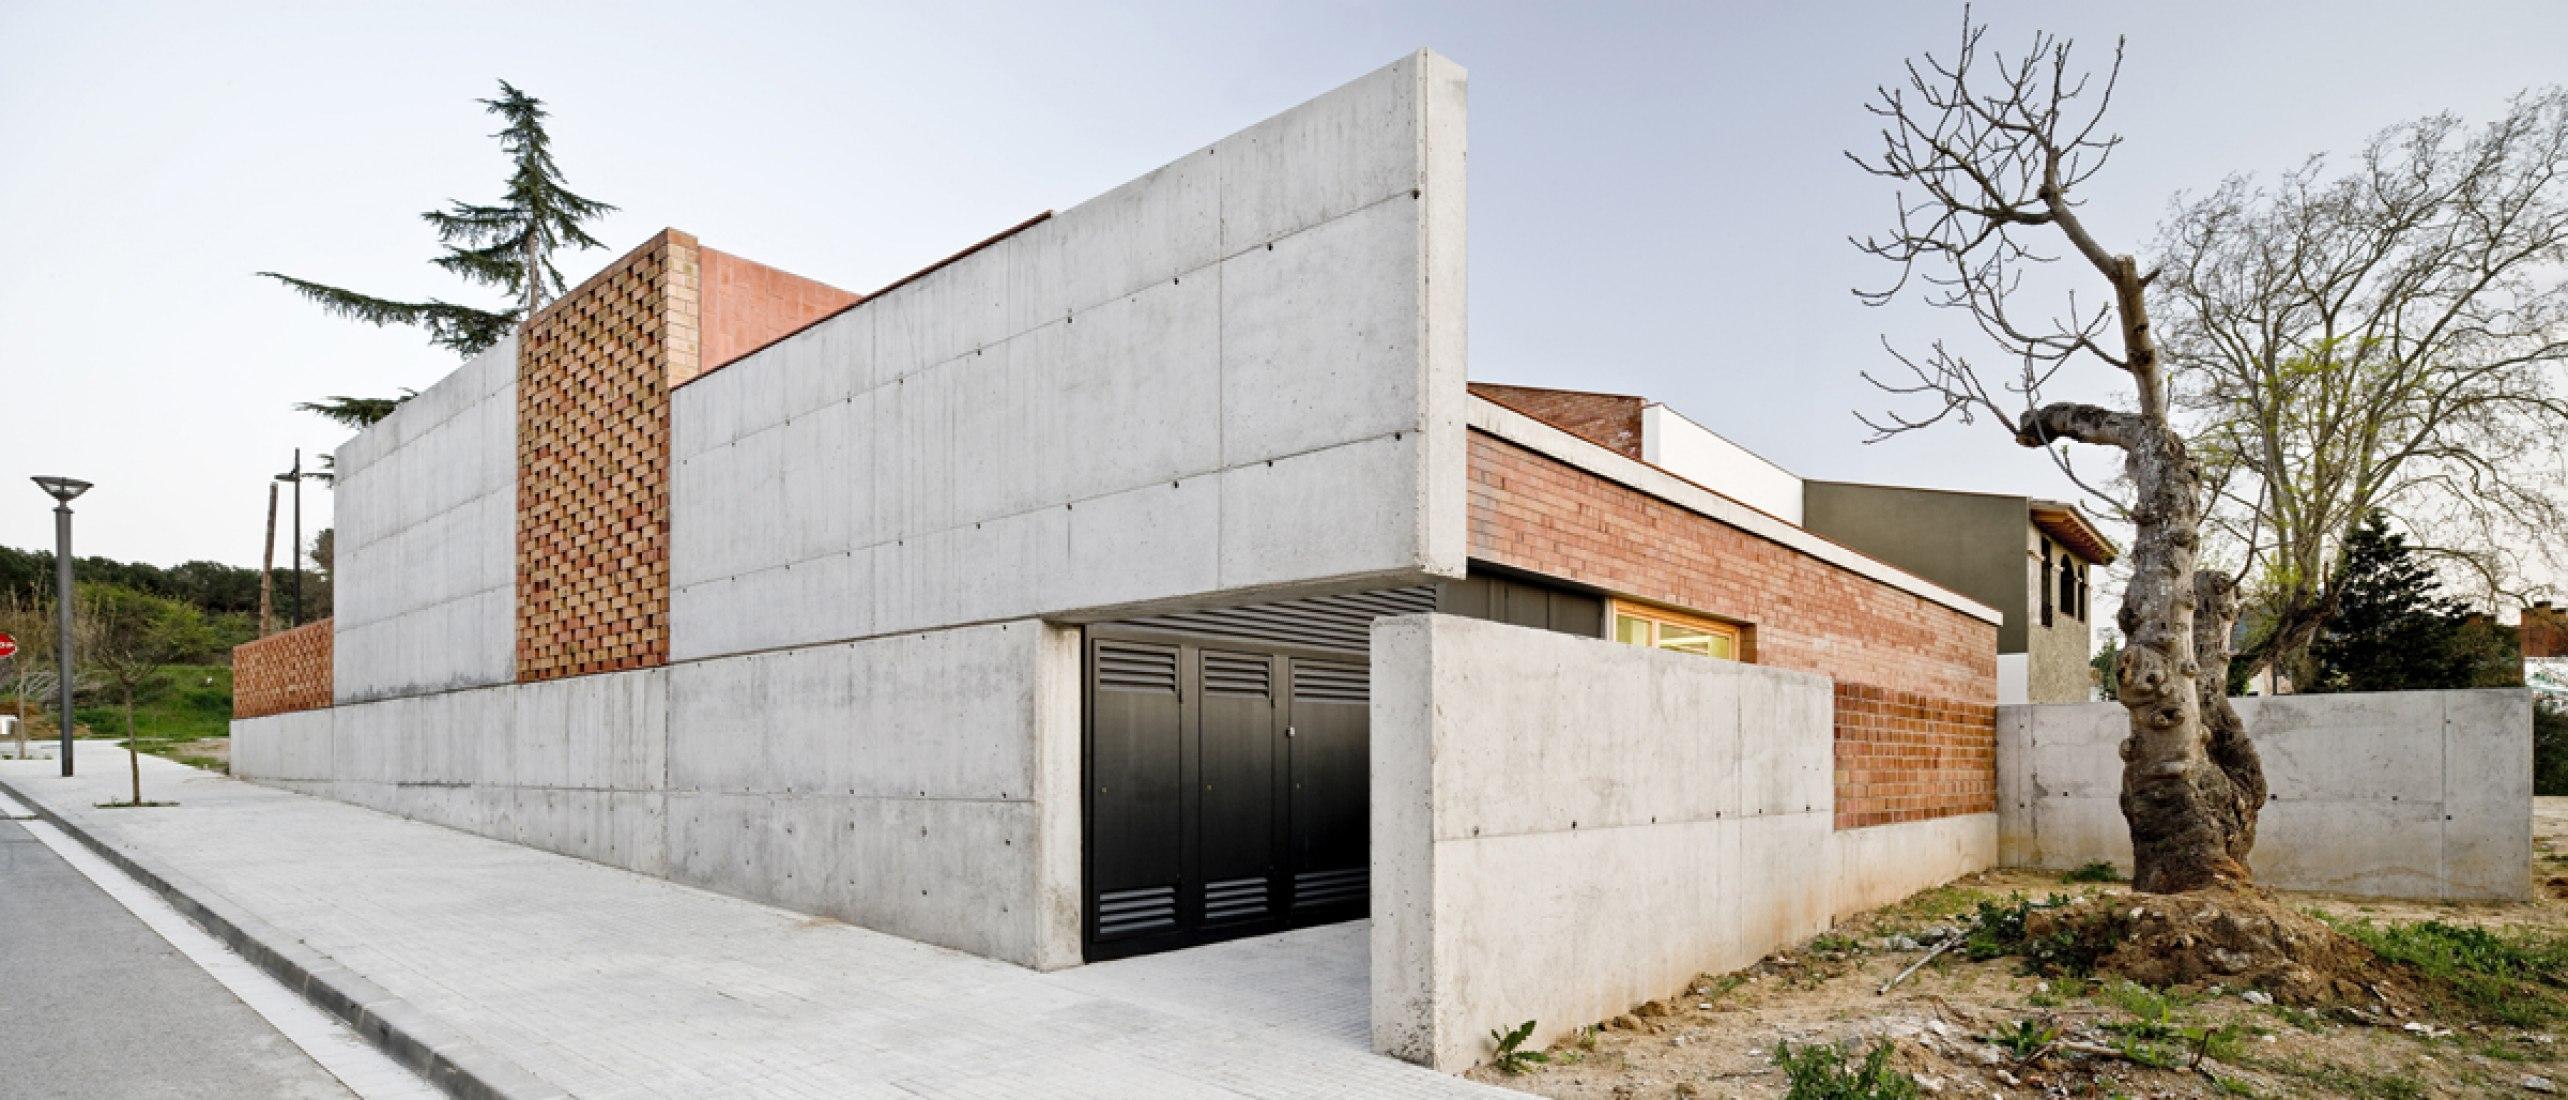 Escuela Bressol en Vilanova del Vallés por David Sebastian + Gerard Puig Arquitectes. Fotografía © Adrià Goula.